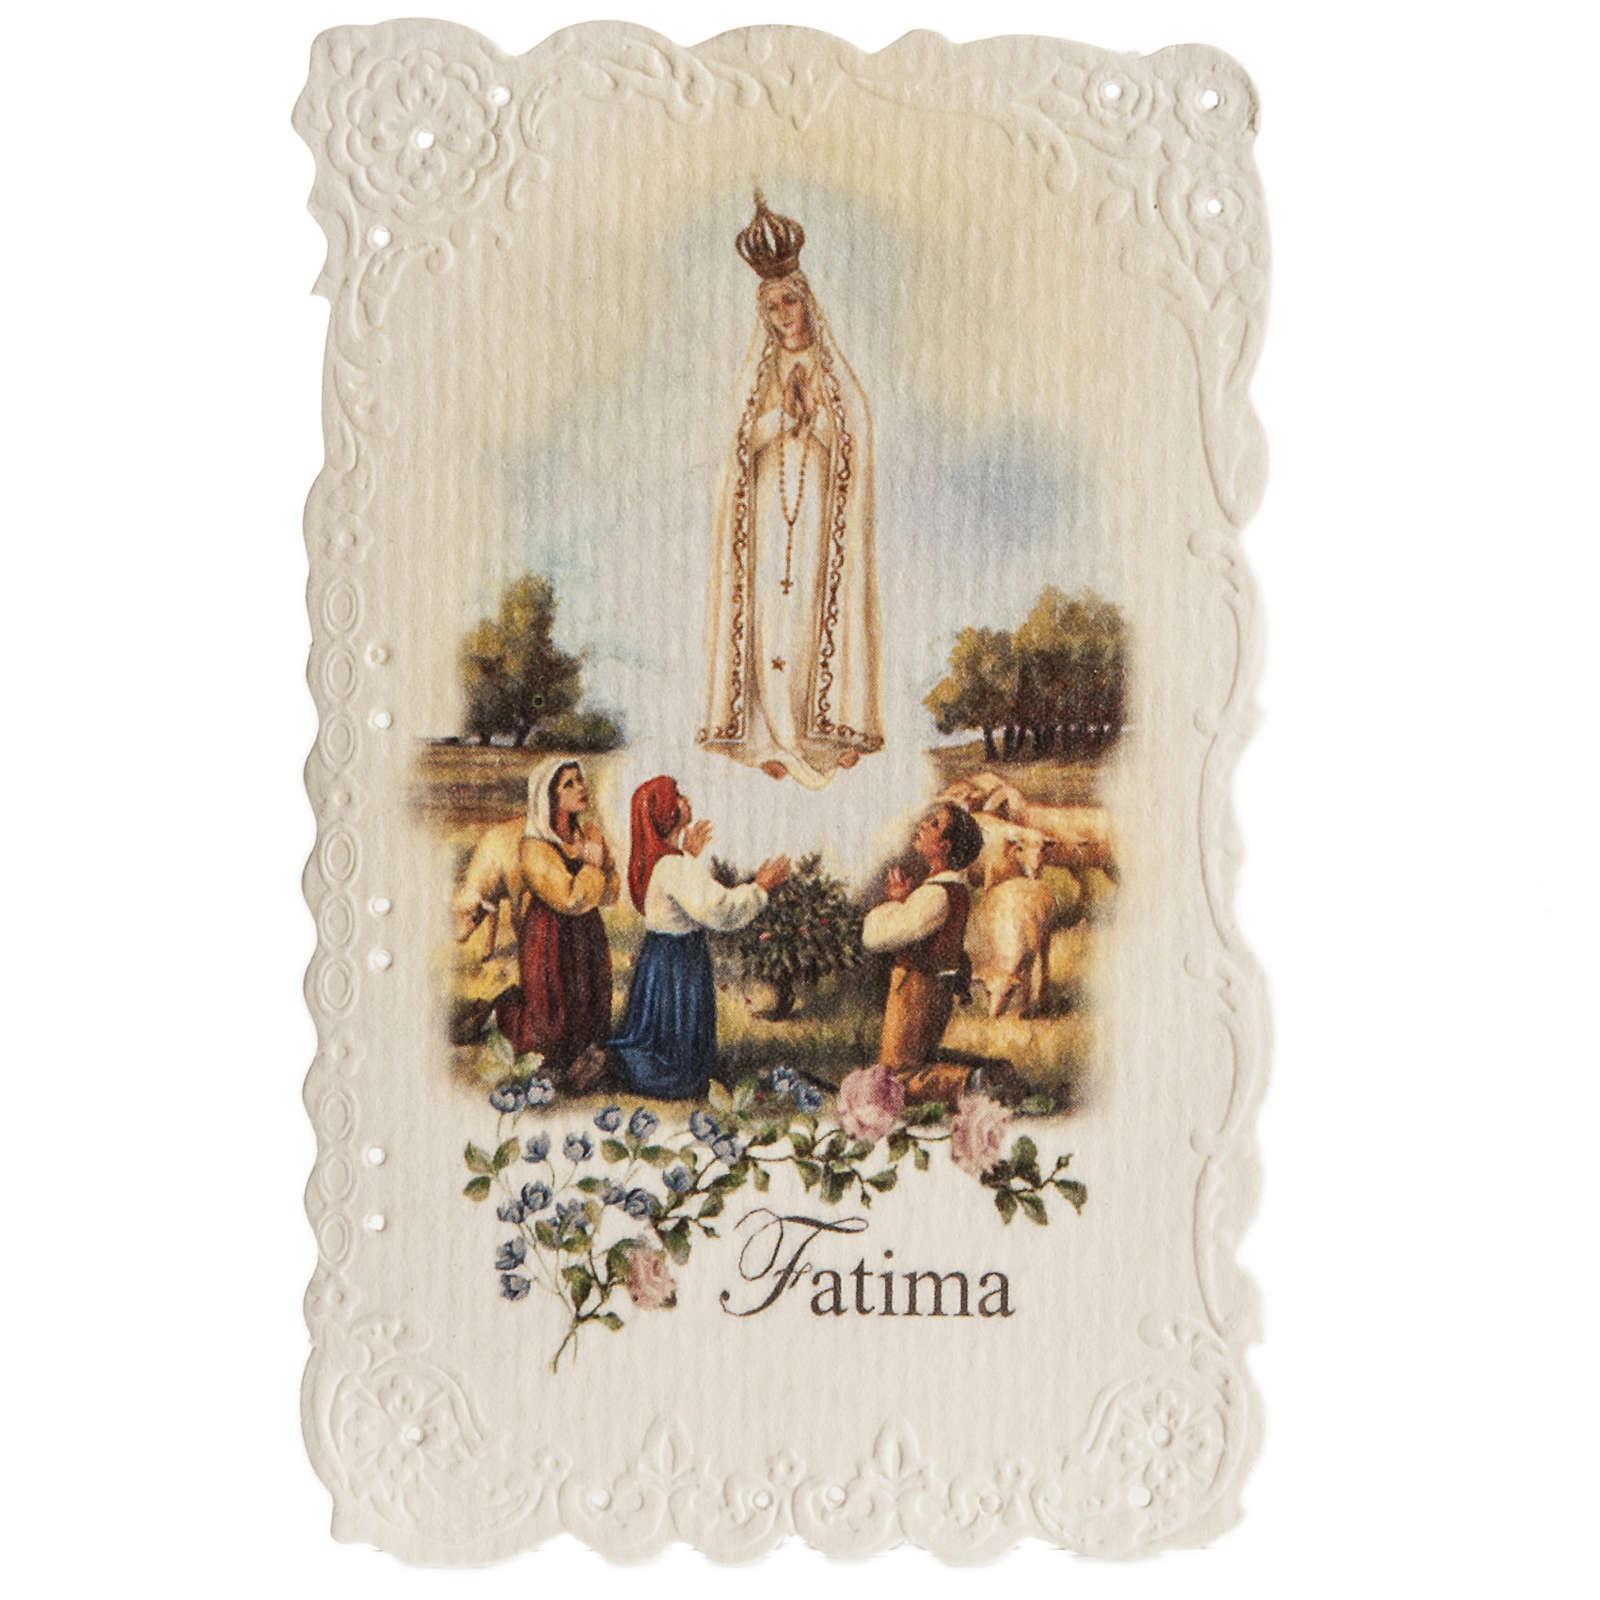 Santino Our Lady of Fatima con preghiera (inglese) 4